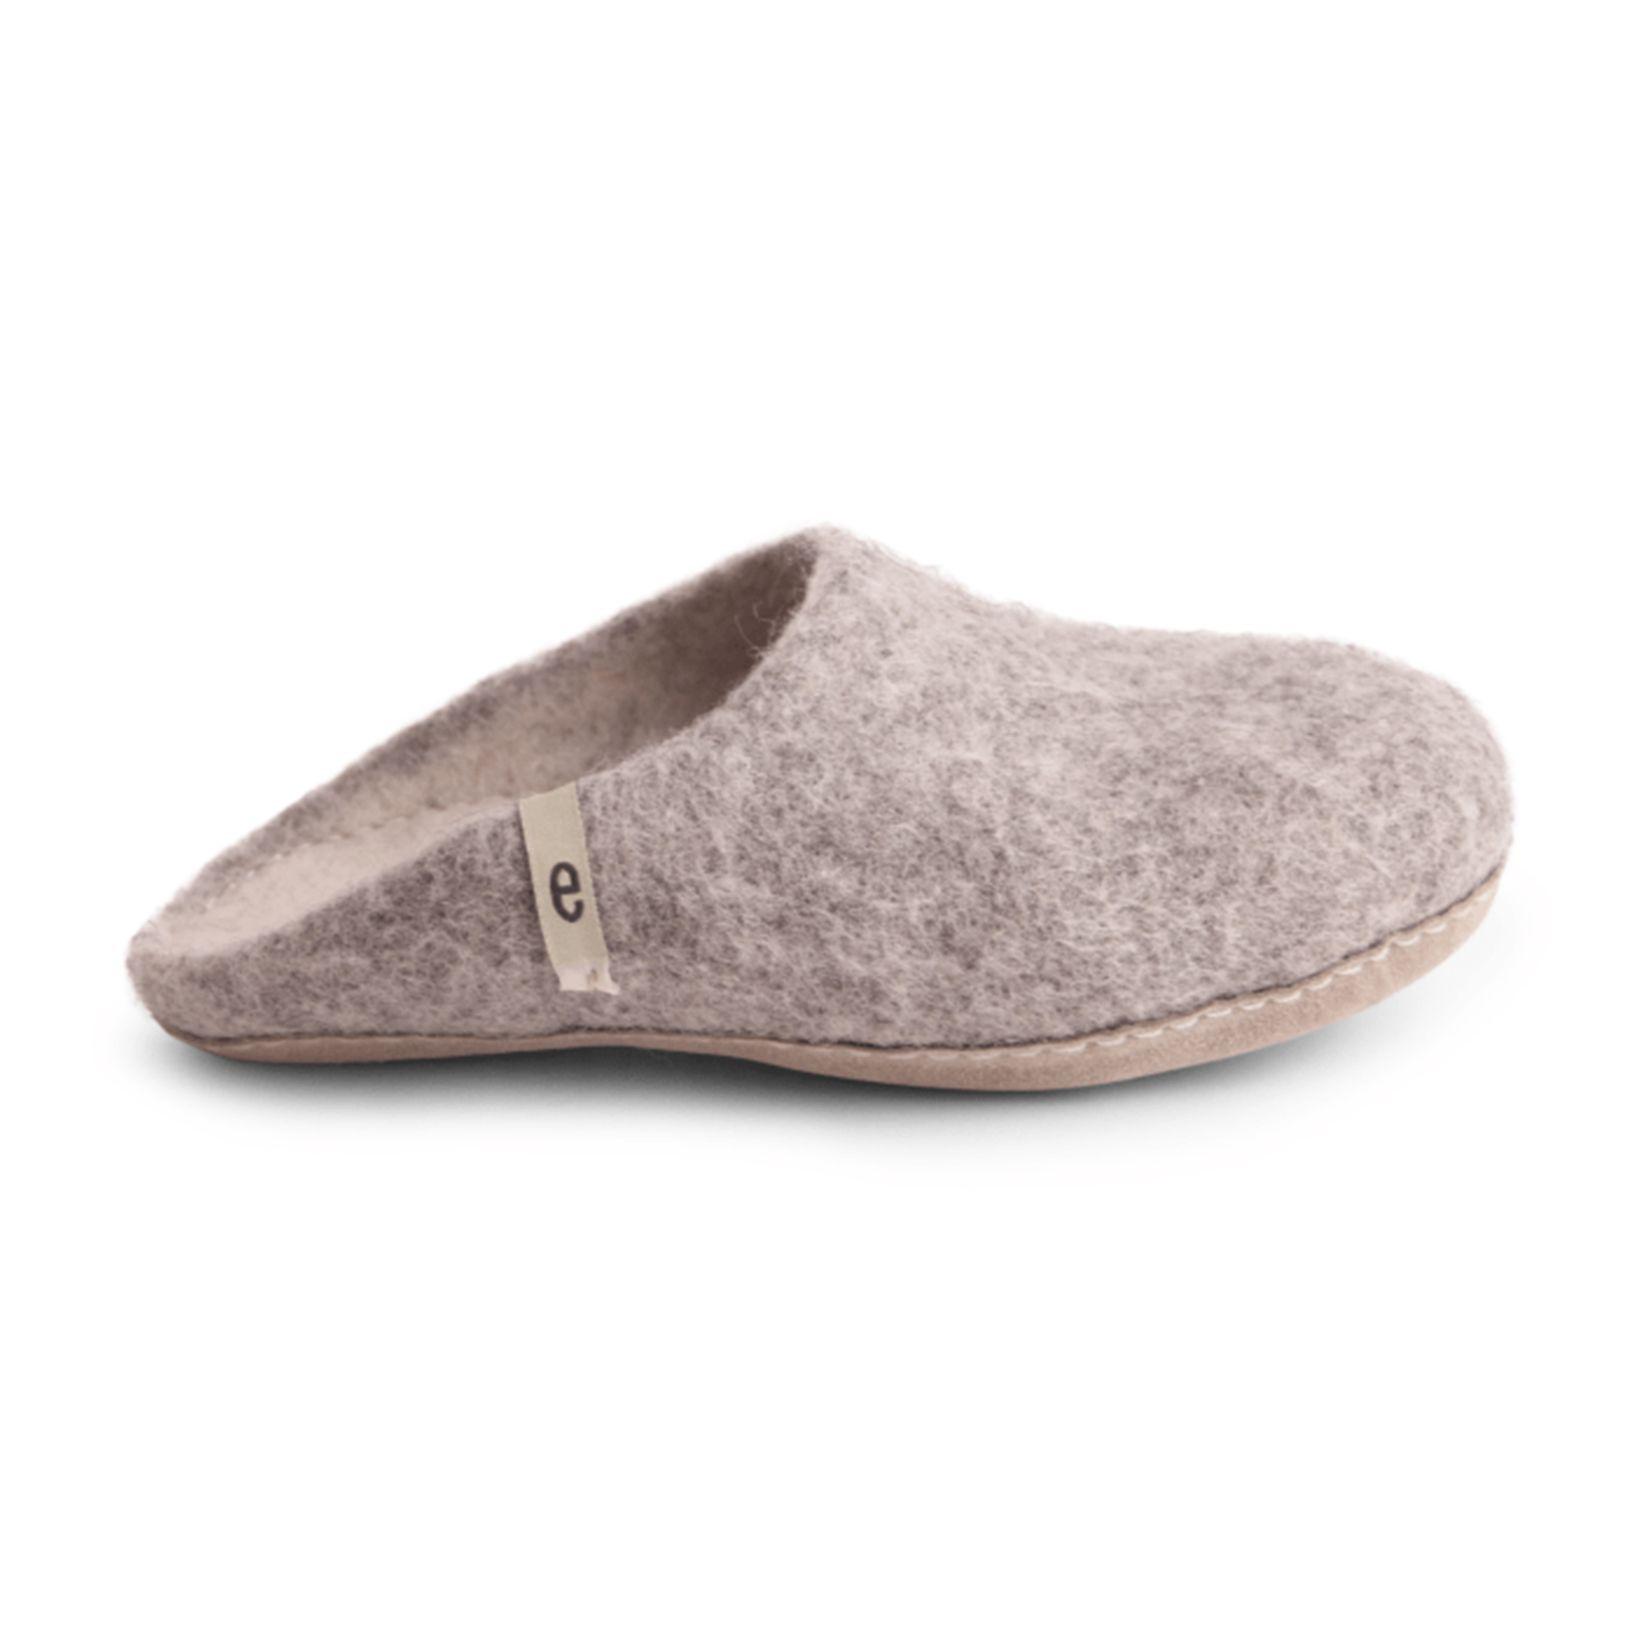 1d986cff2da7e Women s Wool Slippers - Grey